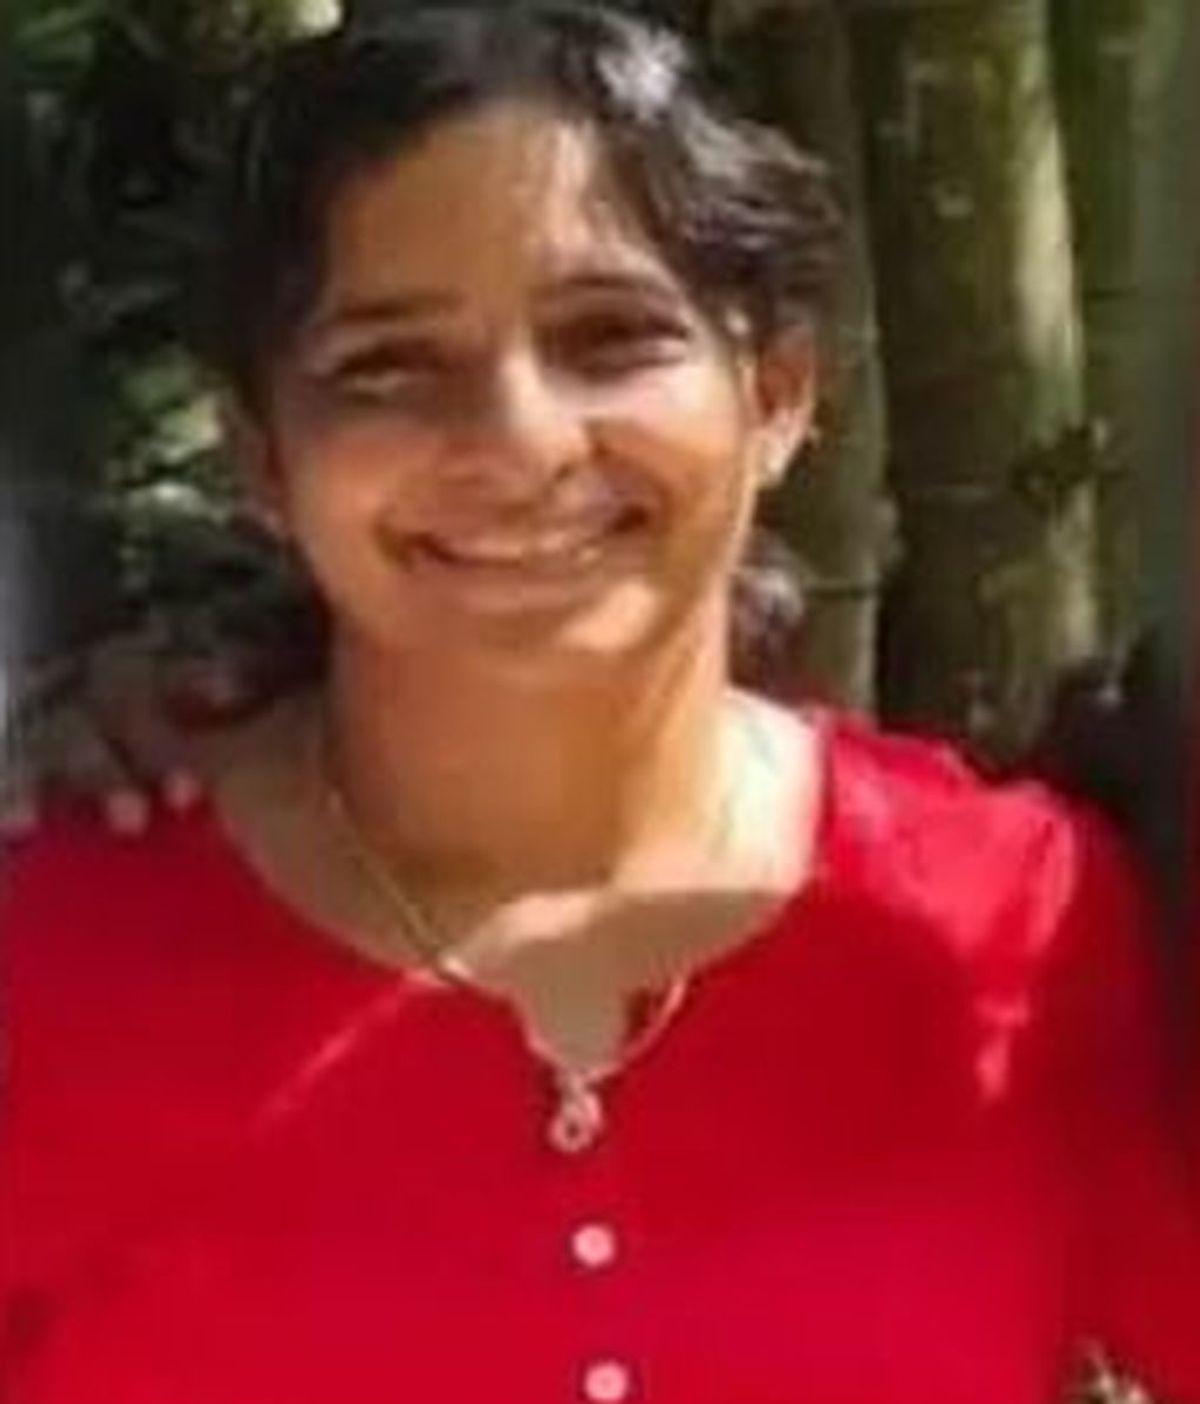 Una mujer de la India confiesa haber envenenado a seis miembros de su familia